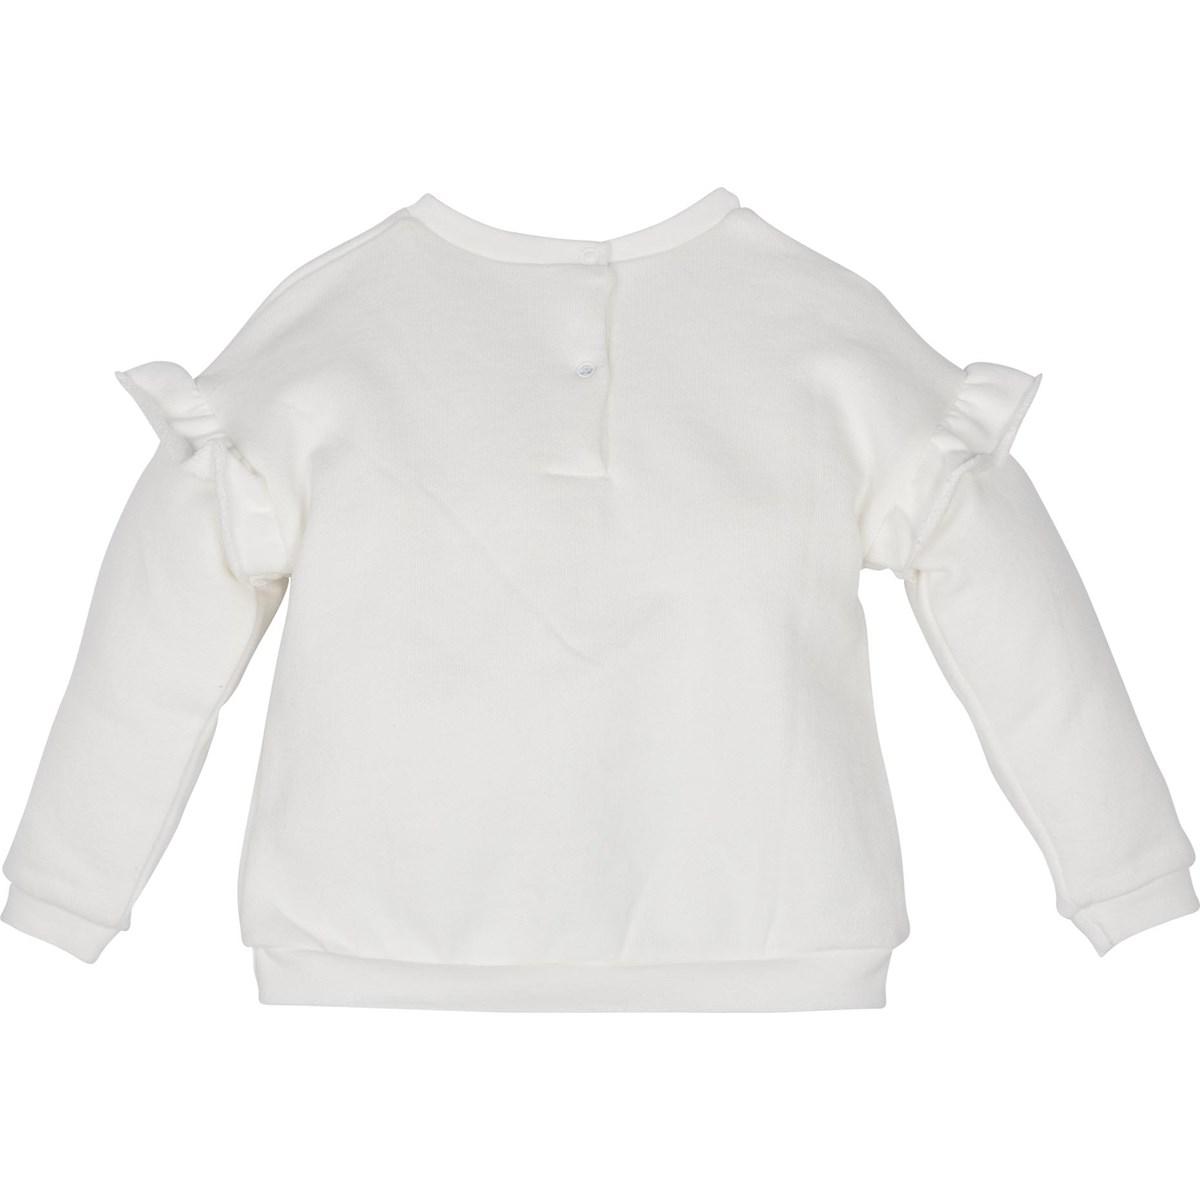 12307 Sweatshirt 2